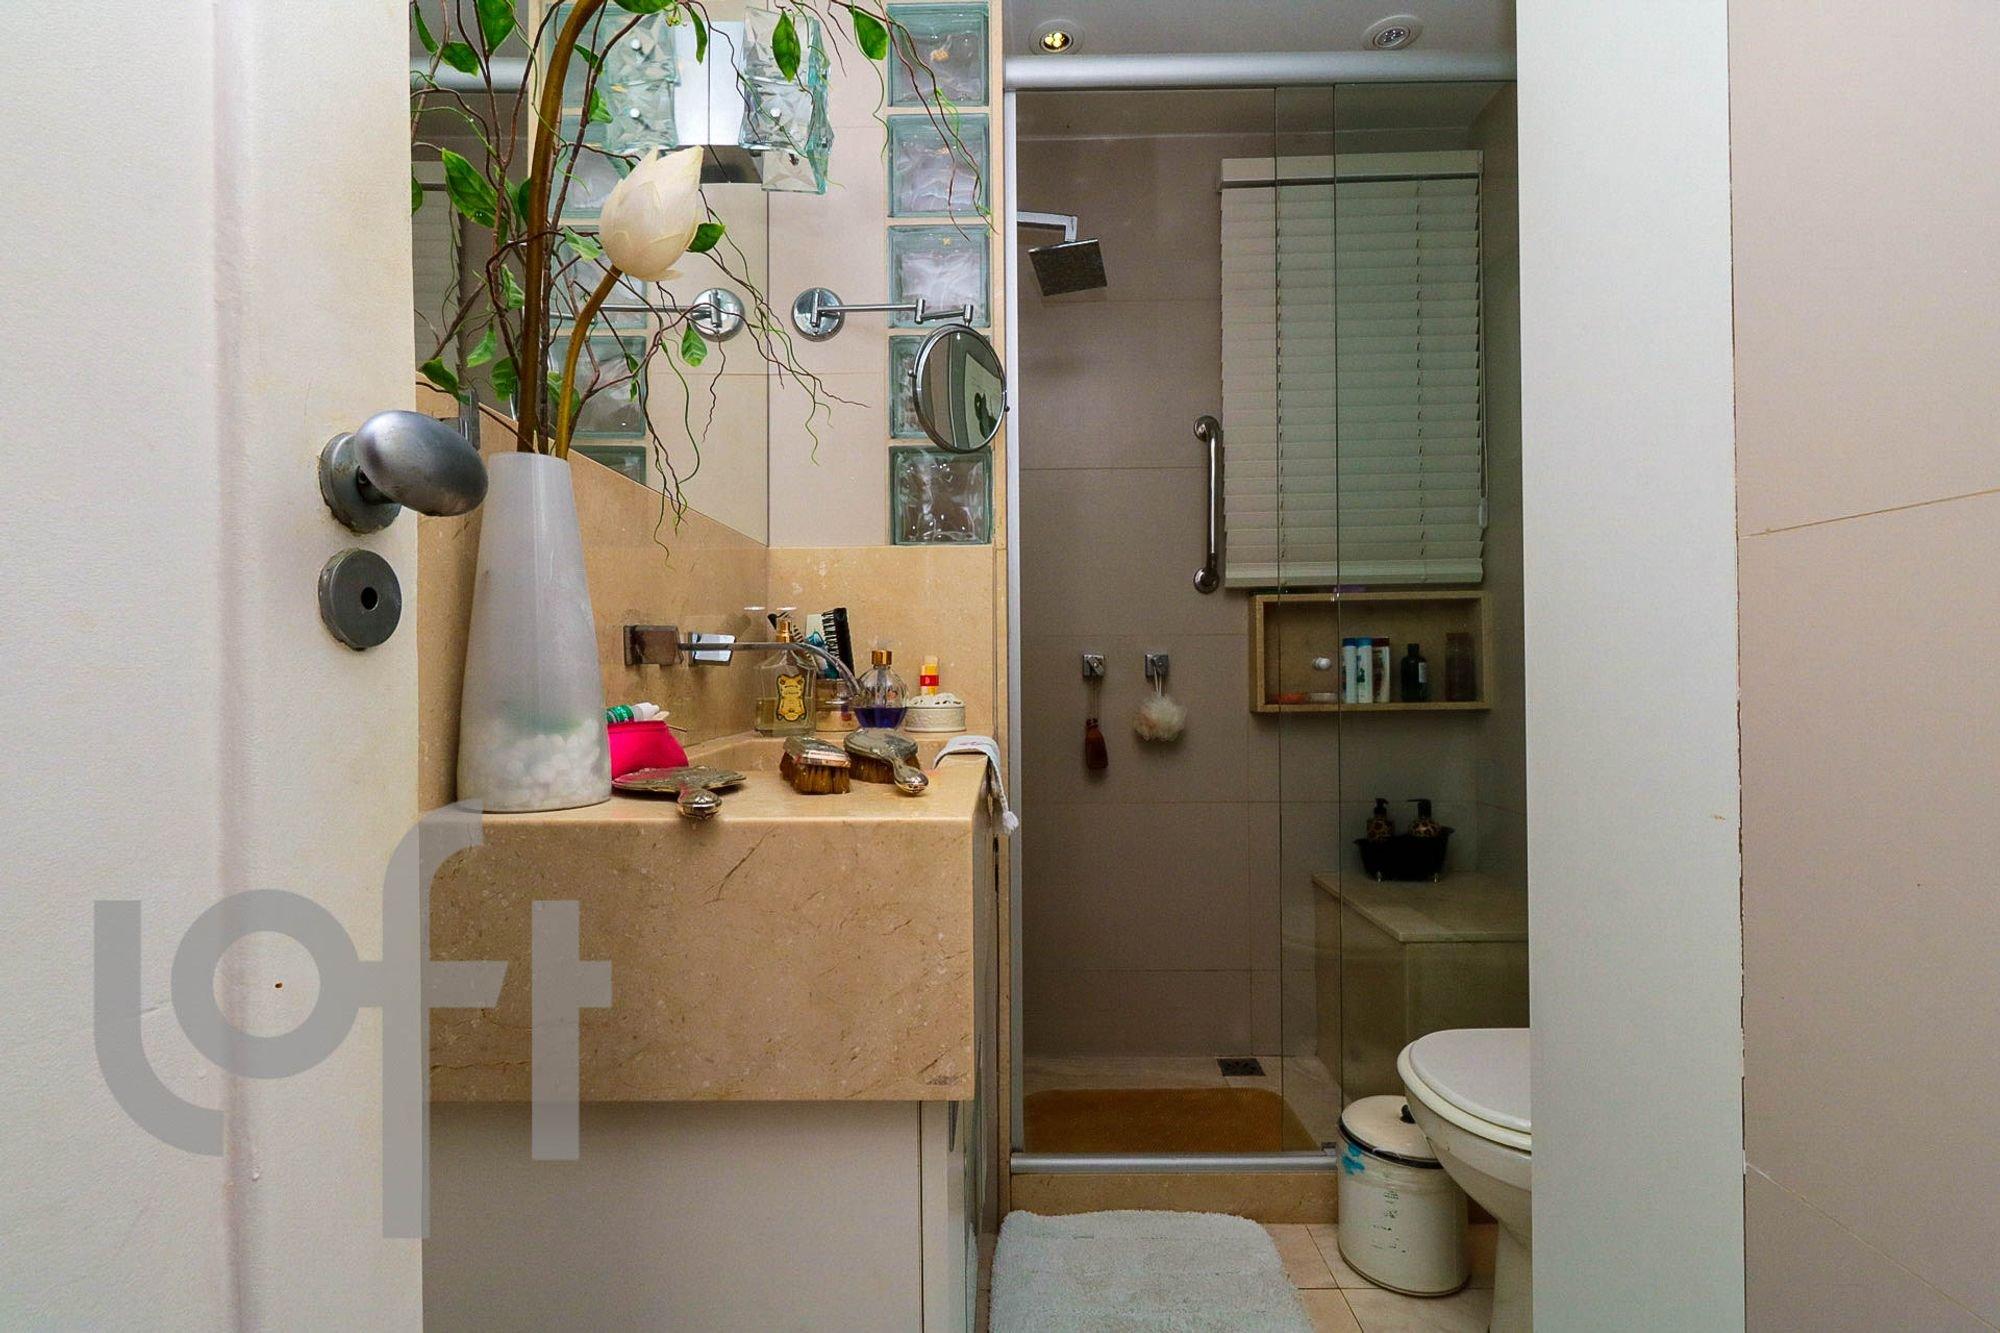 Foto de Banheiro com escova de dente, garrafa